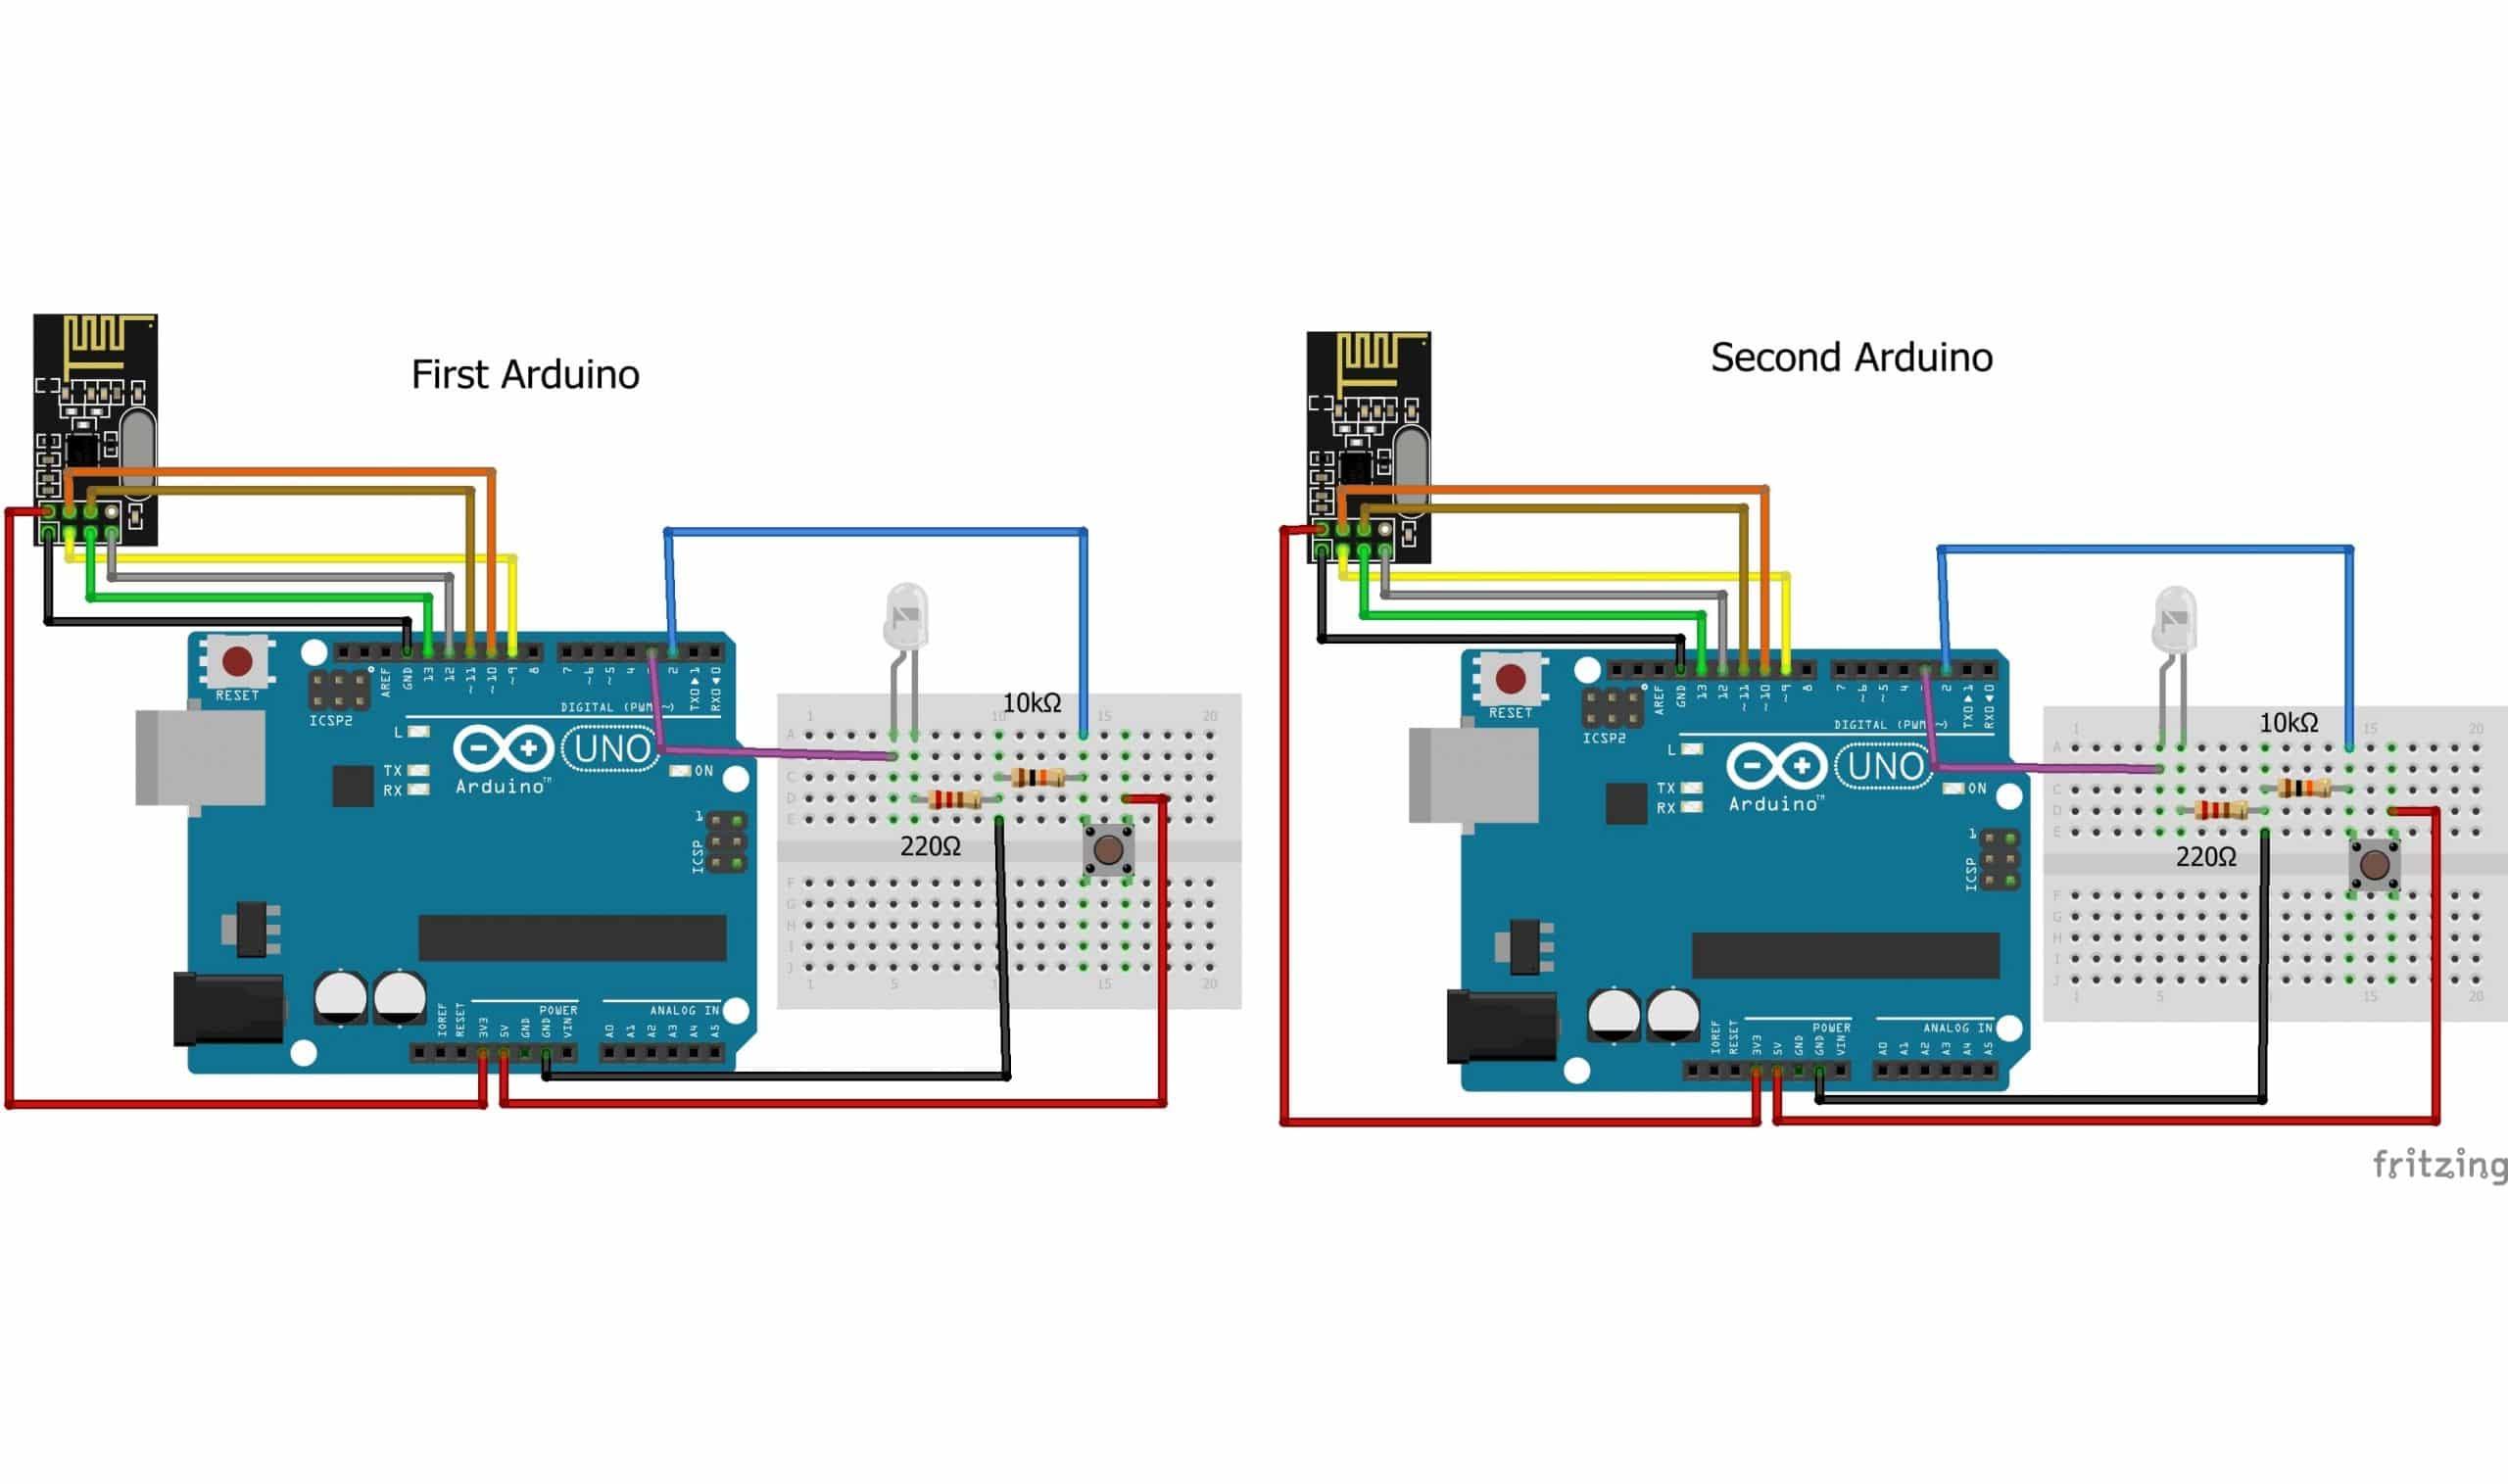 Nrf24l01 Módulo Para Comunicación Inalámbrica Para Arduino